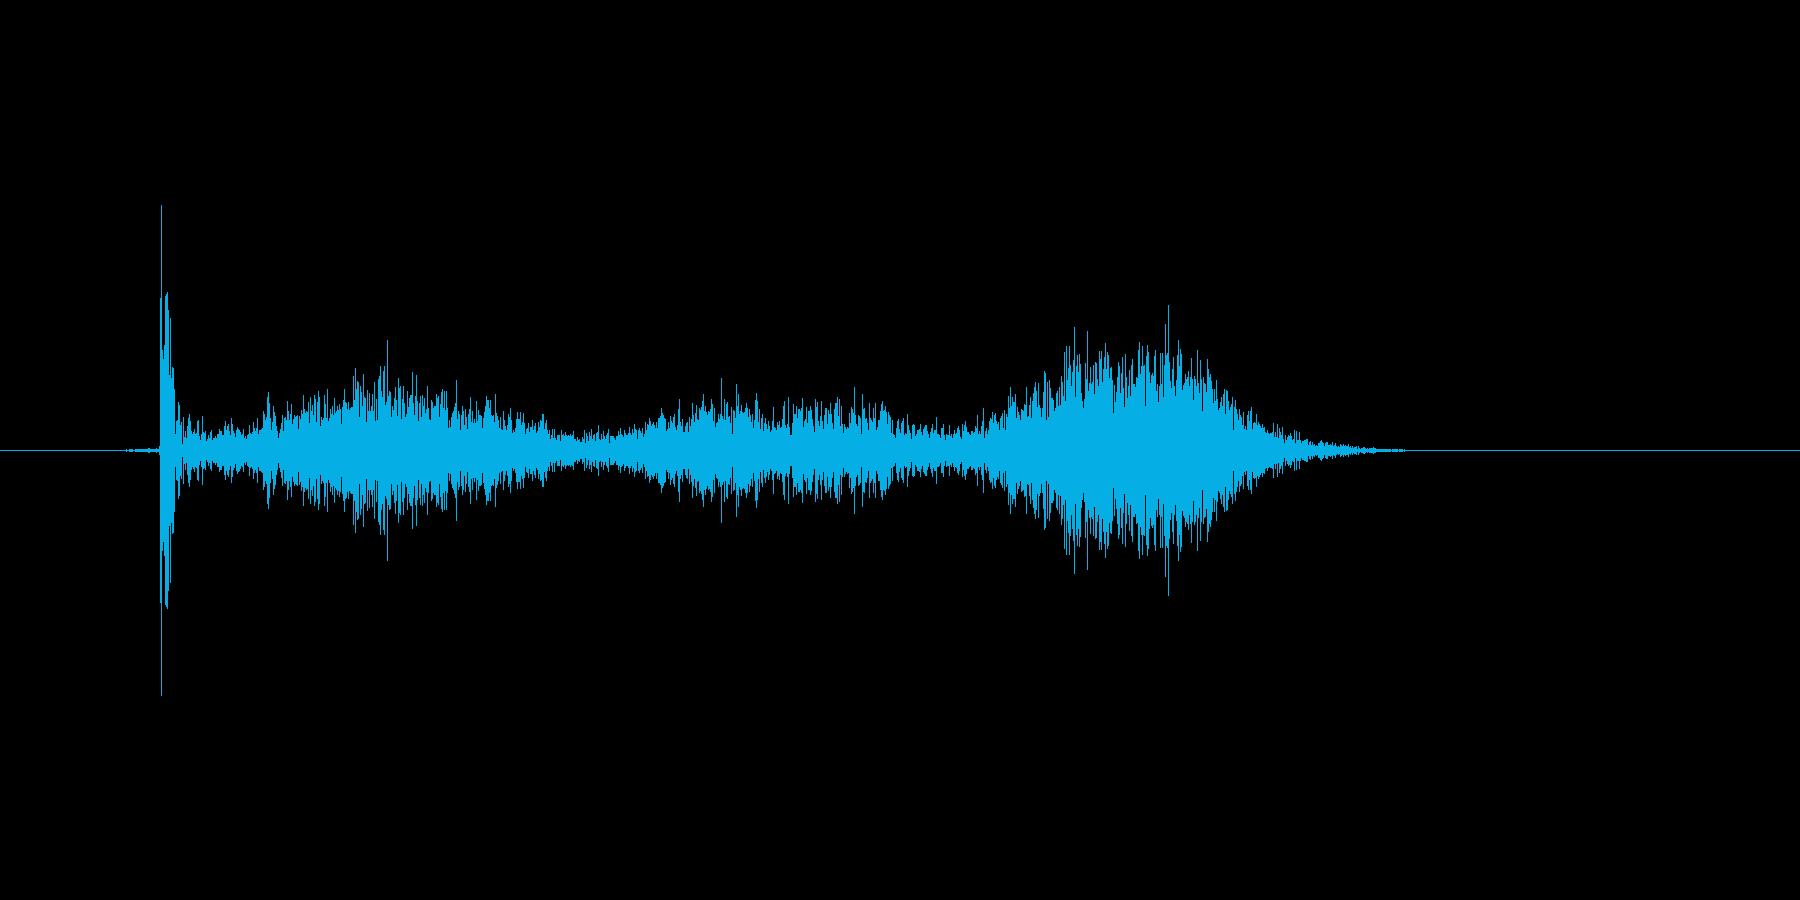 チョークで丸を書いたときの効果音の再生済みの波形